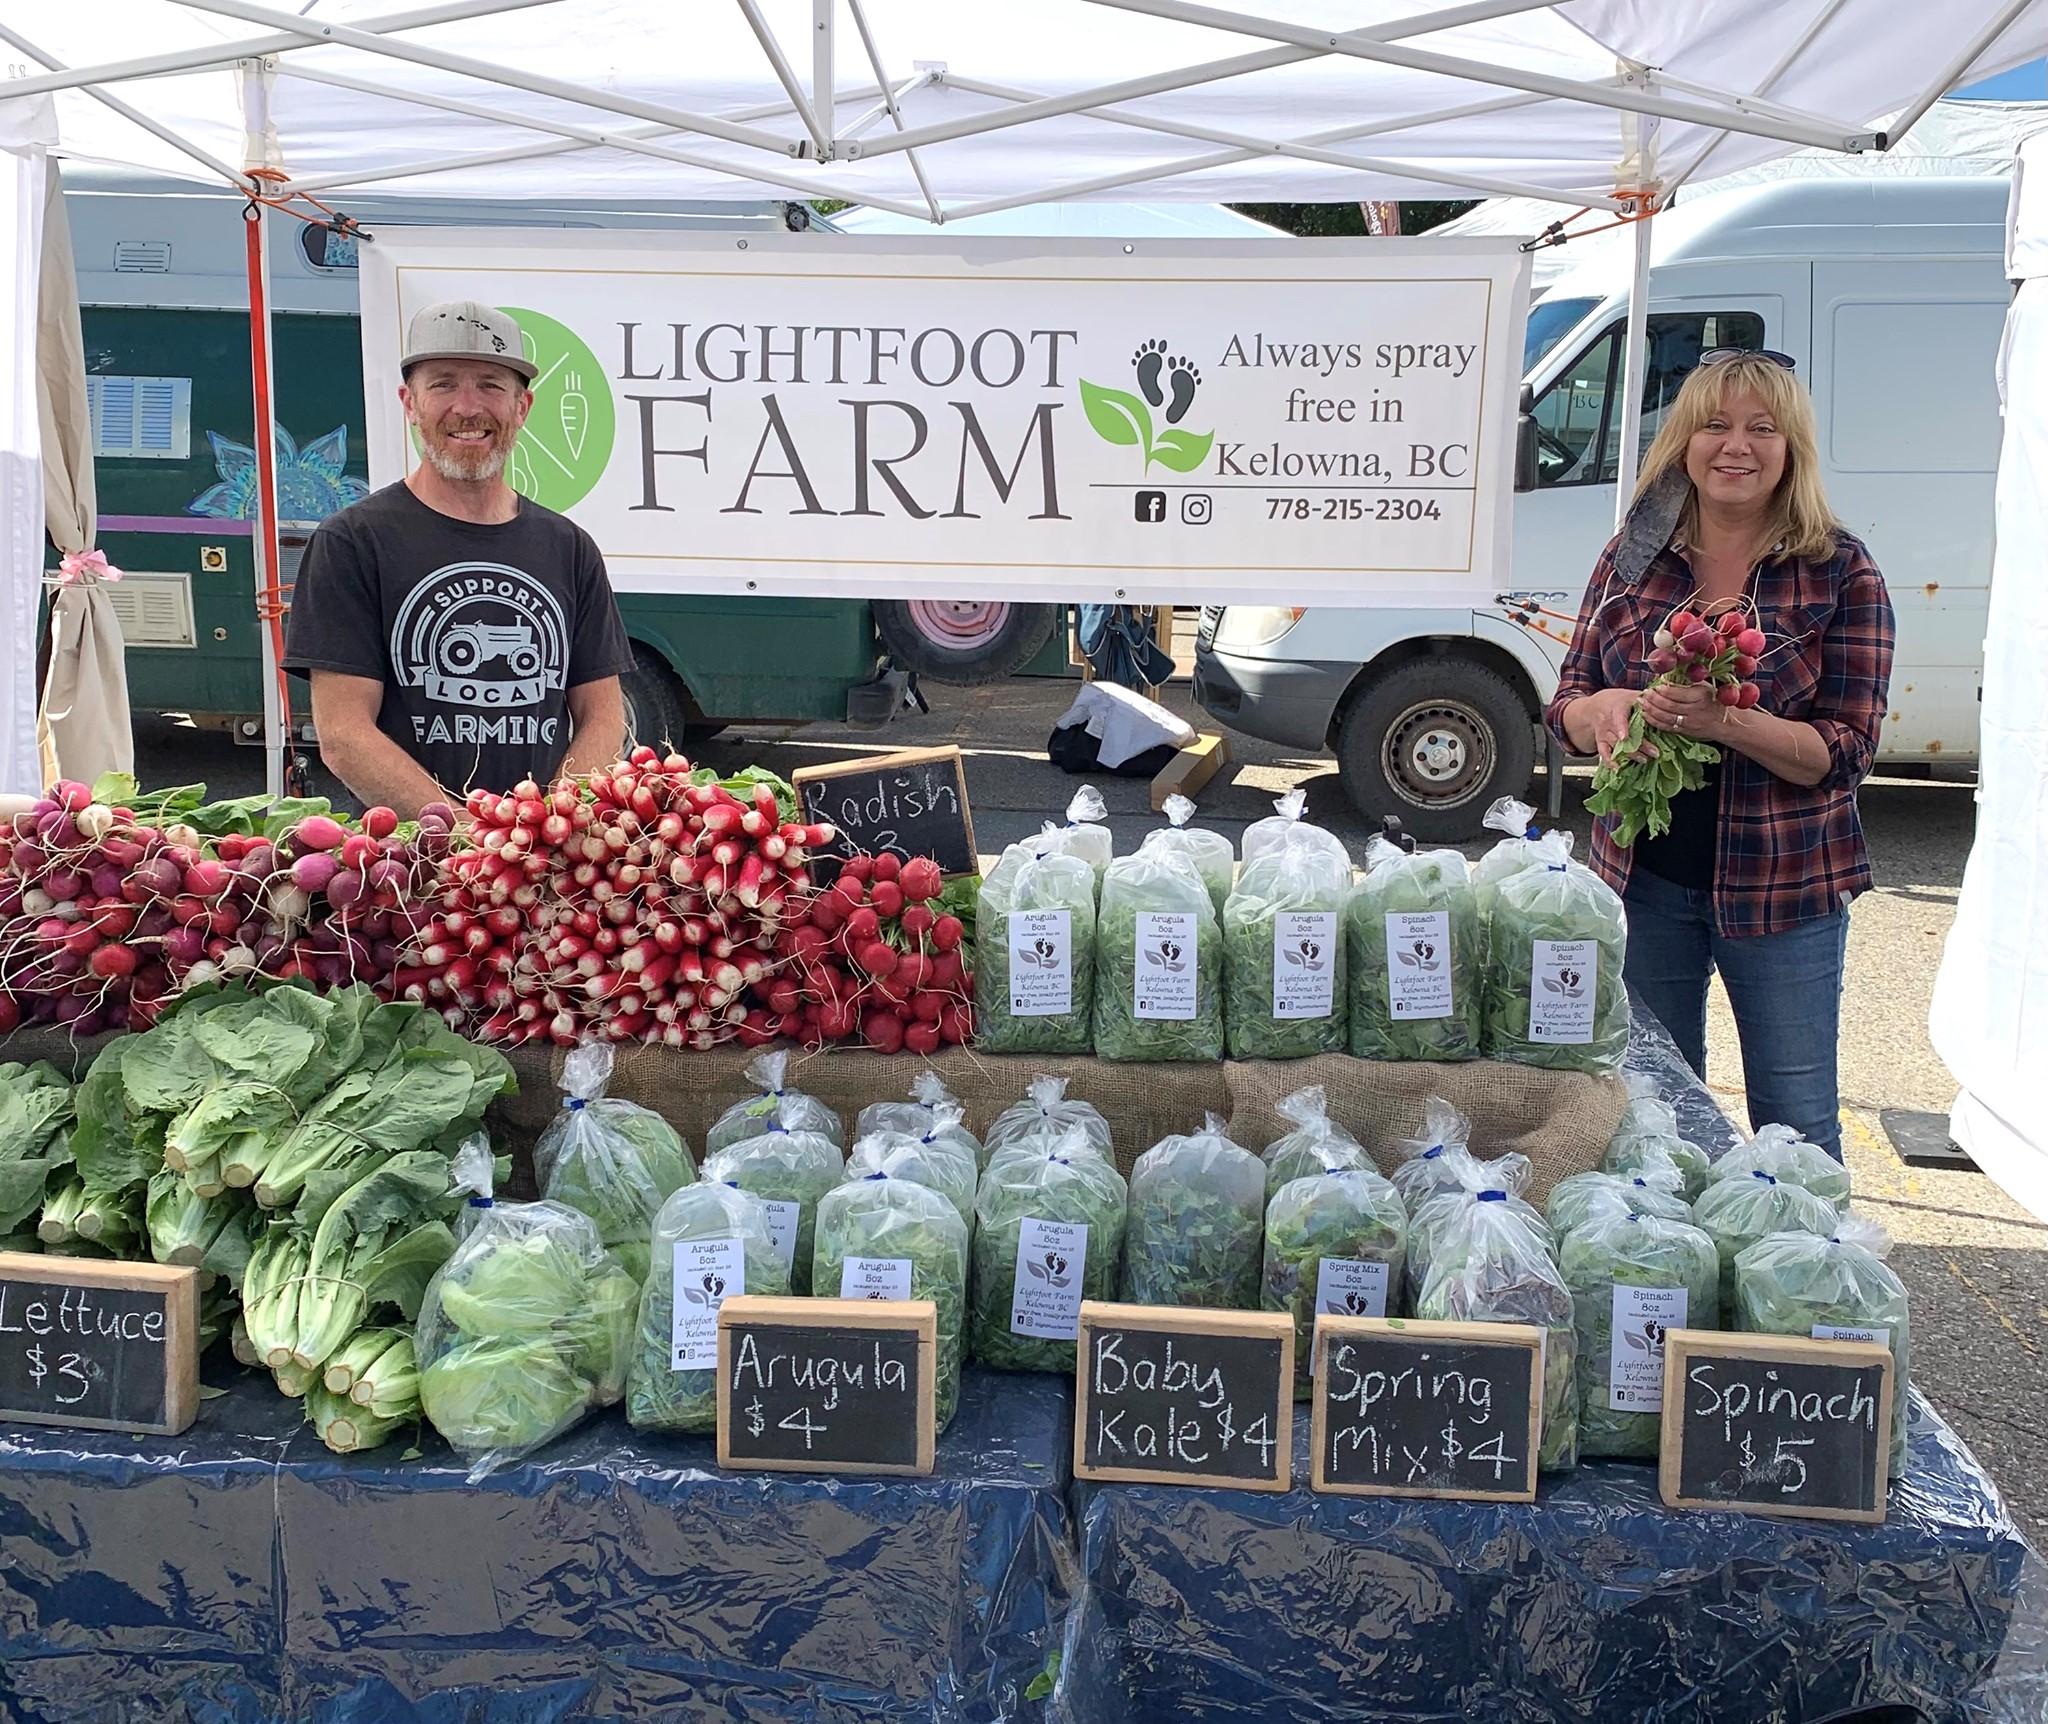 Small Business Spotlight: Lightfoot Farm